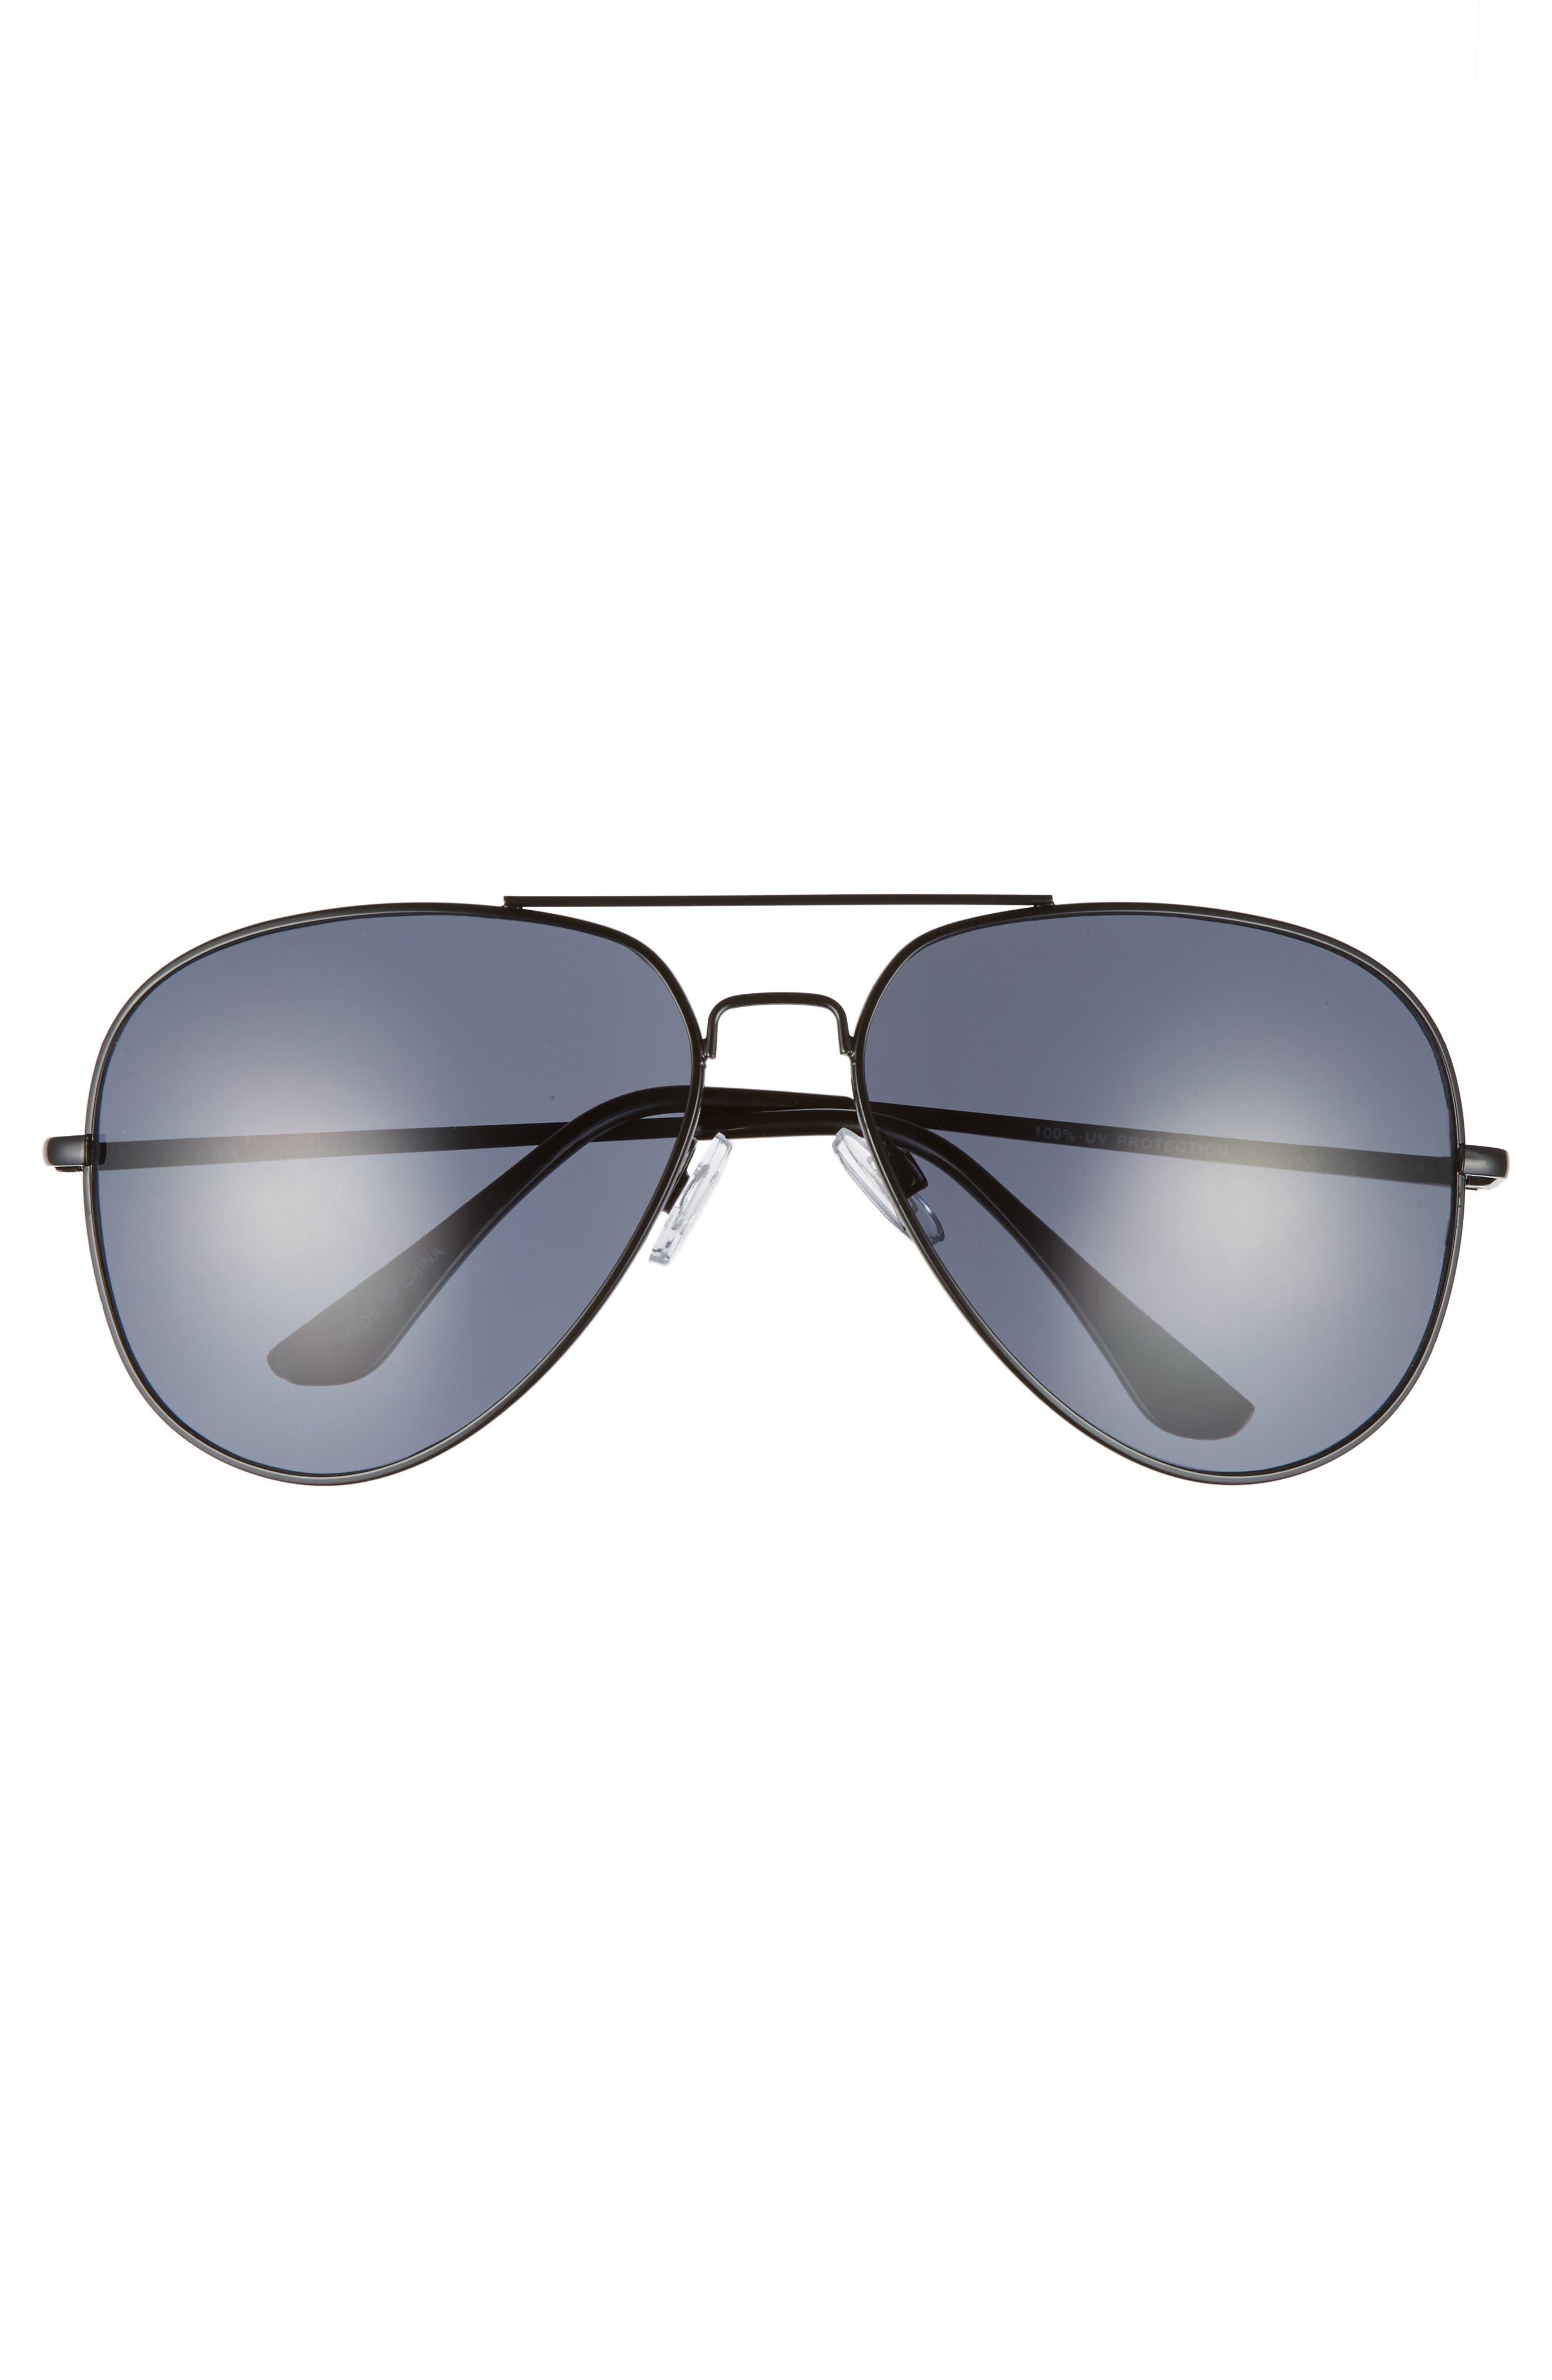 60mm Large Aviator Sunglasses,                             Alternate thumbnail 3, color,                             Black/ Black